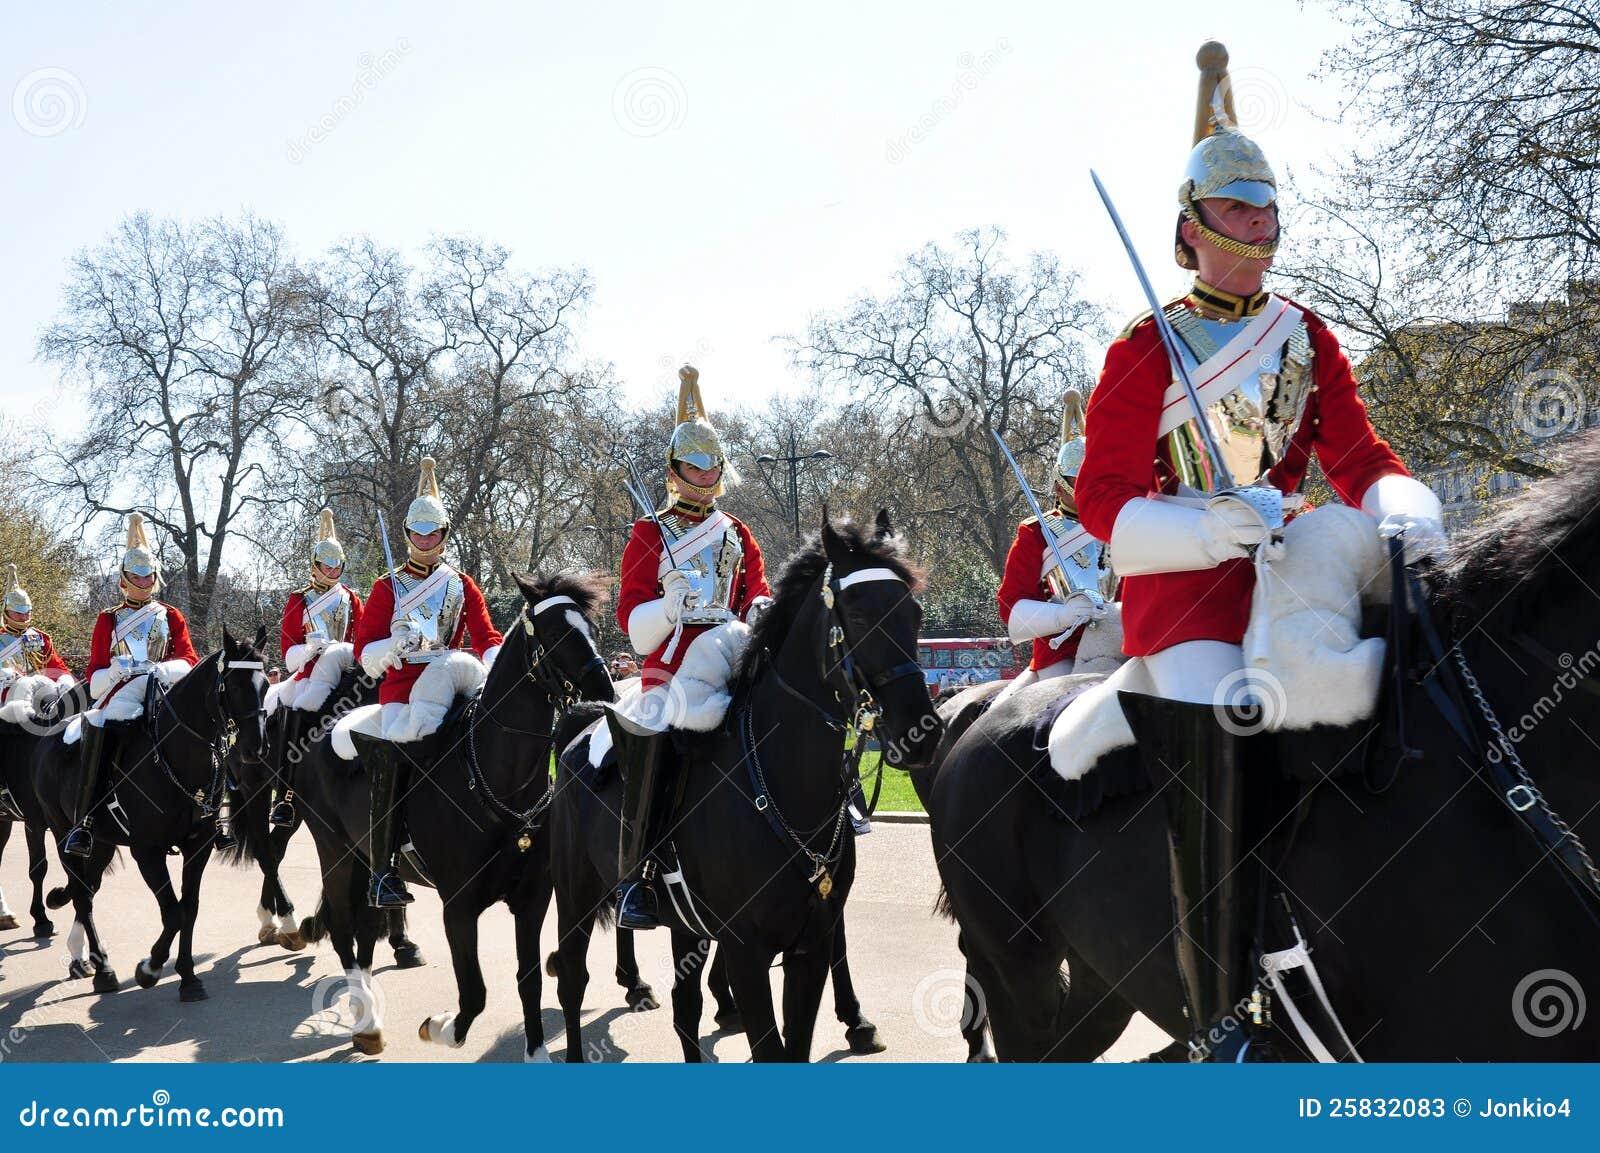 Protectores de caballo reales, Inglaterra